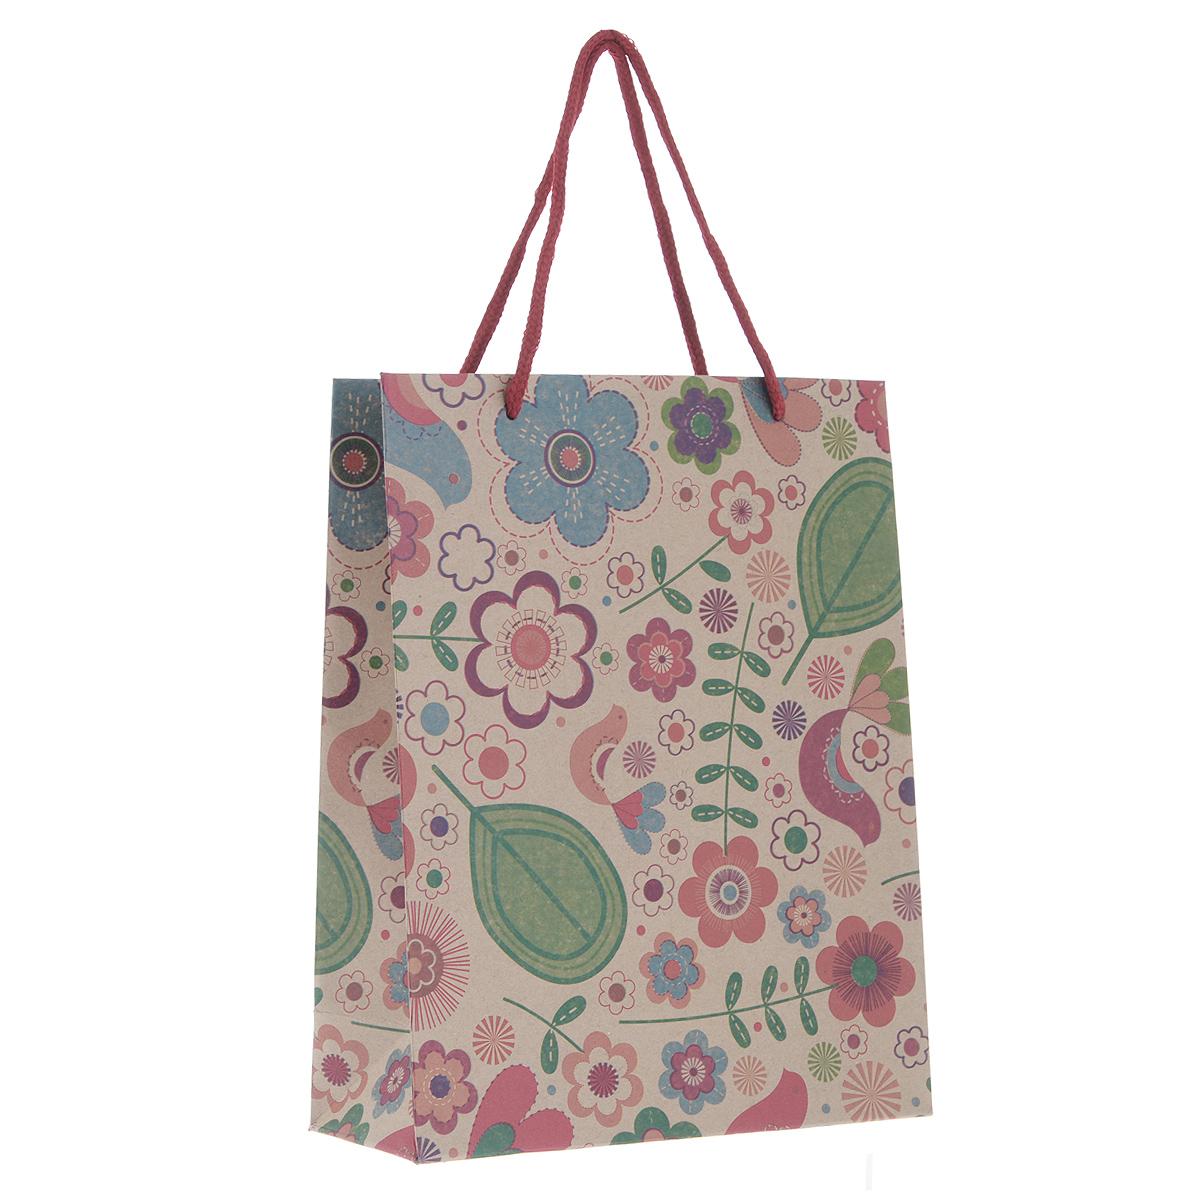 Пакет подарочный Радужные цветочки, 19 см х 24,5 см х 8 см38872Подарочный пакет Радужные цветочки, изготовленный из плотной бумаги, станет незаменимым дополнением к выбранному подарку. Дно изделия укреплено плотным картоном, который позволяет сохранить форму пакета и исключает возможность деформации дна под тяжестью подарка. Для удобной переноски на пакете имеются две ручки из шнурков. Подарок, преподнесенный в оригинальной упаковке, всегда будет самым эффектным и запоминающимся. Окружите близких людей вниманием и заботой, вручив презент в нарядном, праздничном оформлении.